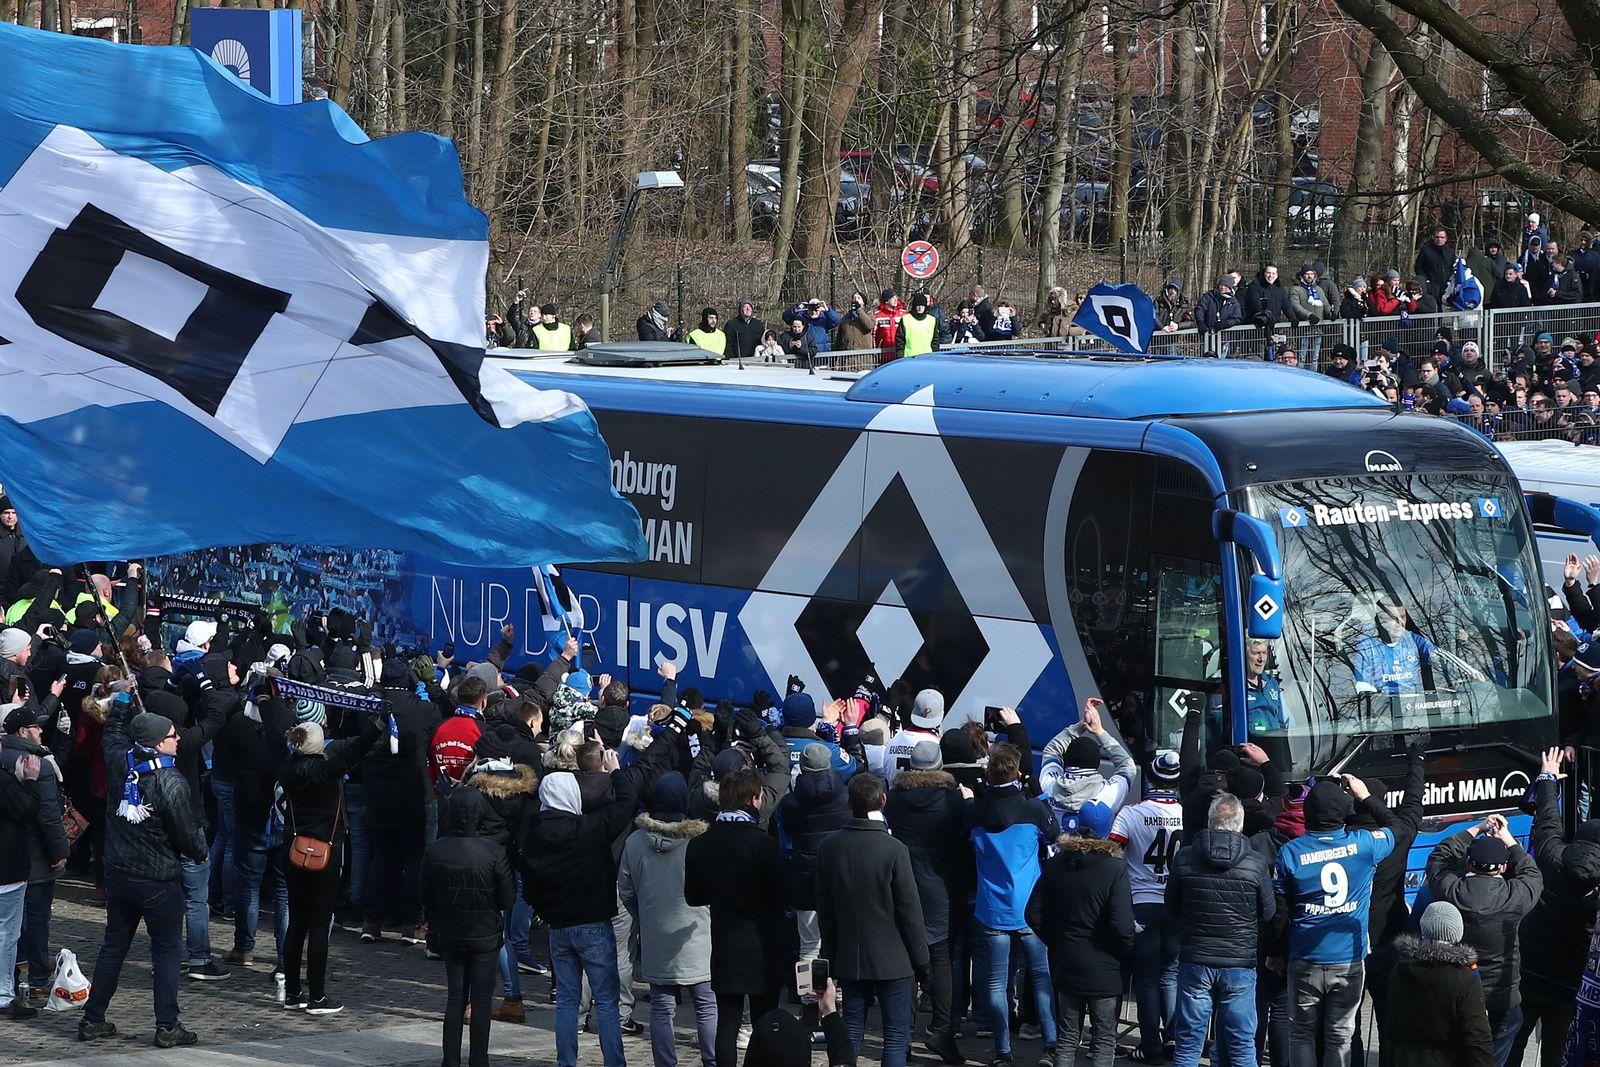 HSV Mannschaftsbus